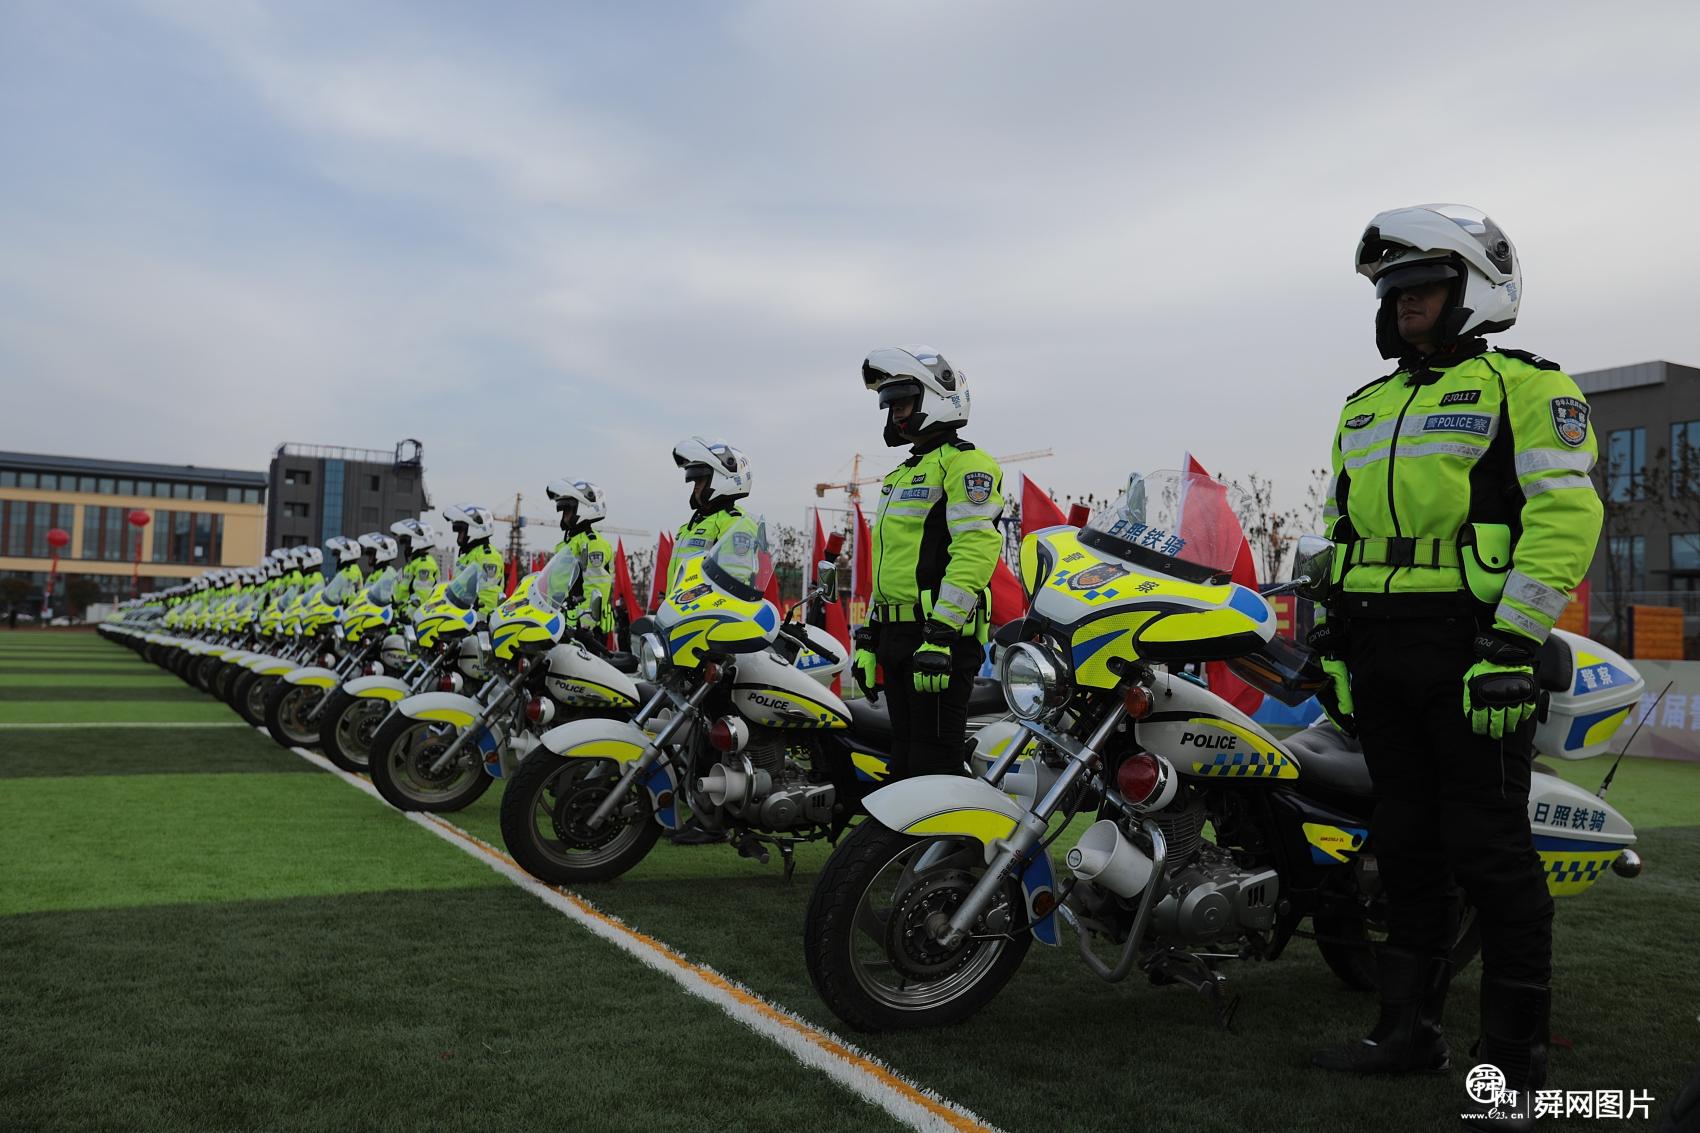 山东日照:公安系统举行全警实战大练兵 英姿飒爽展新形象